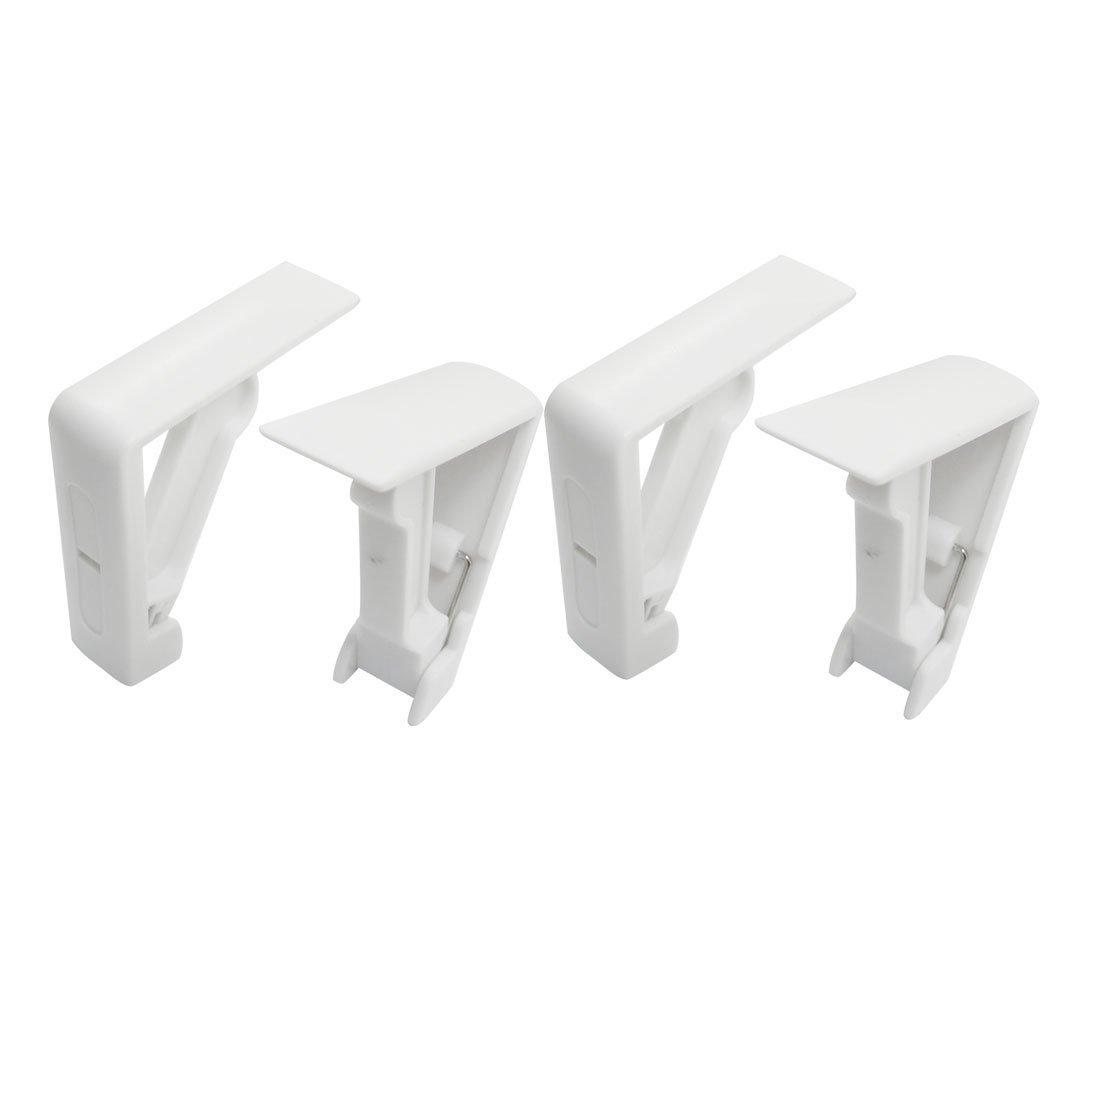 TOOGOO(R) 4 Pezzi Tovaglia della copertura del supporto caricato a molla fermatovaglia morsetto Bianco SHOMAT11814